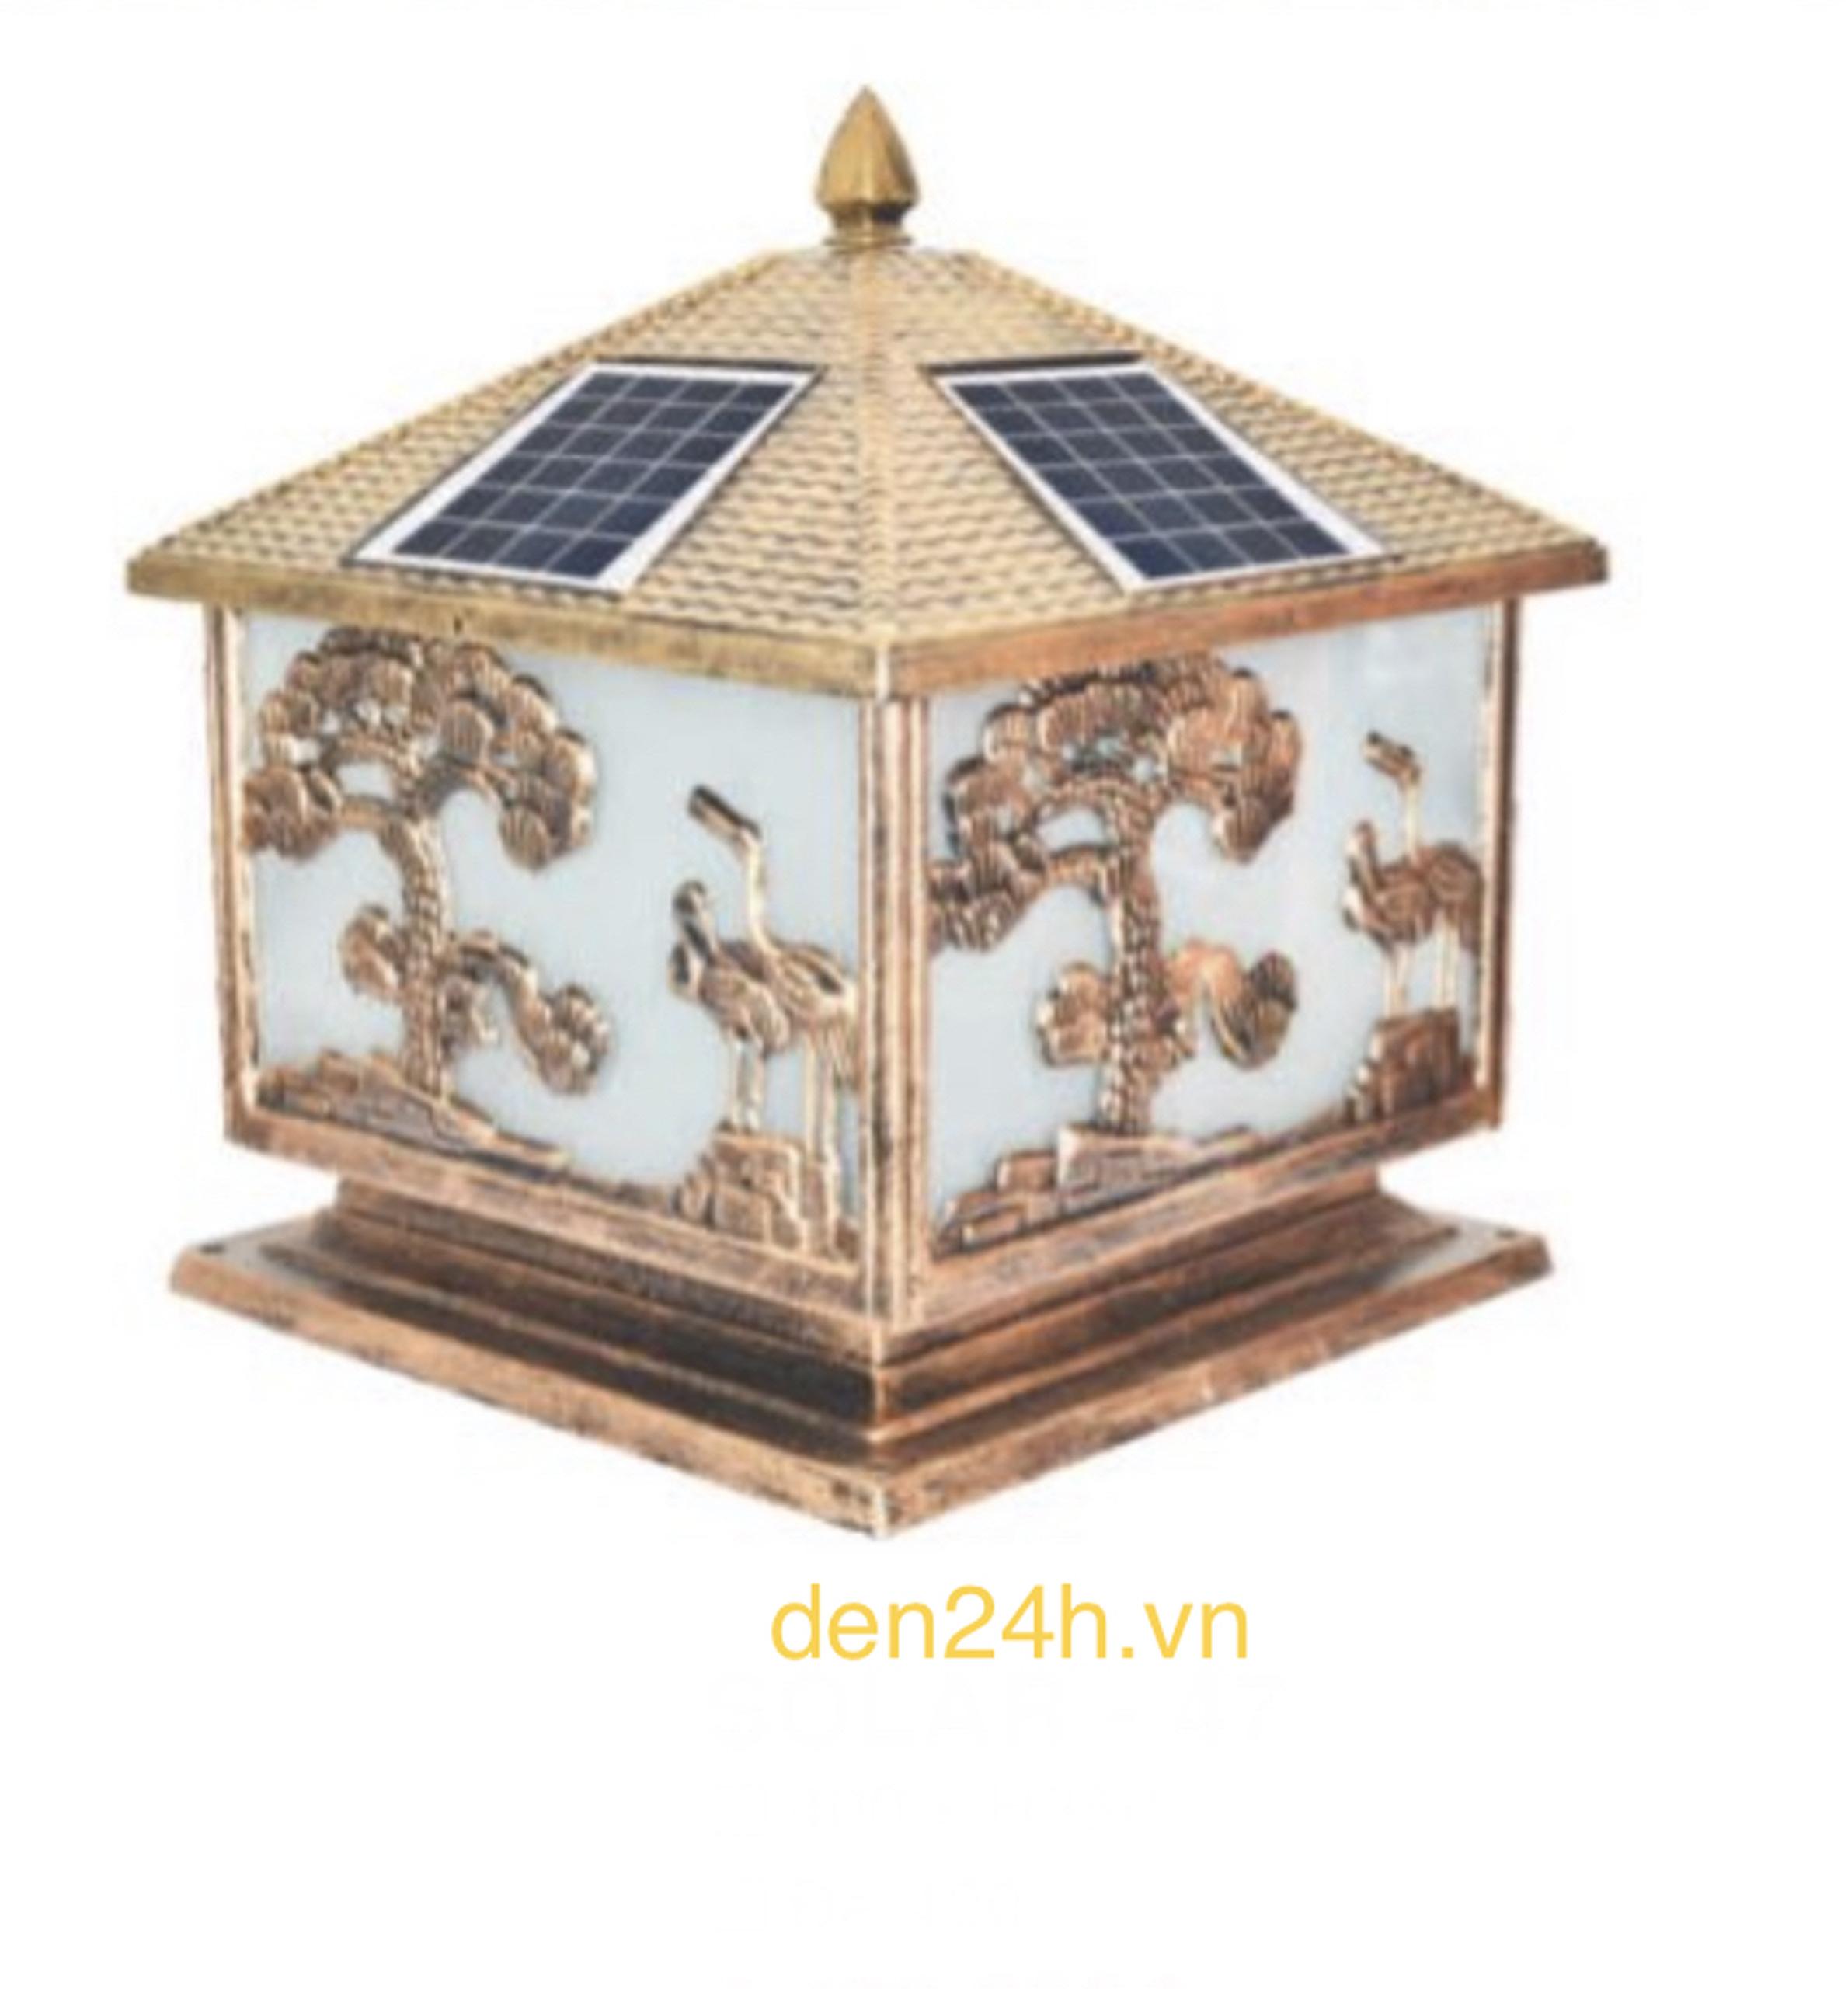 Đèn trụ cổng năng lượng mặt trời CT1 Solar-47 L400xH350